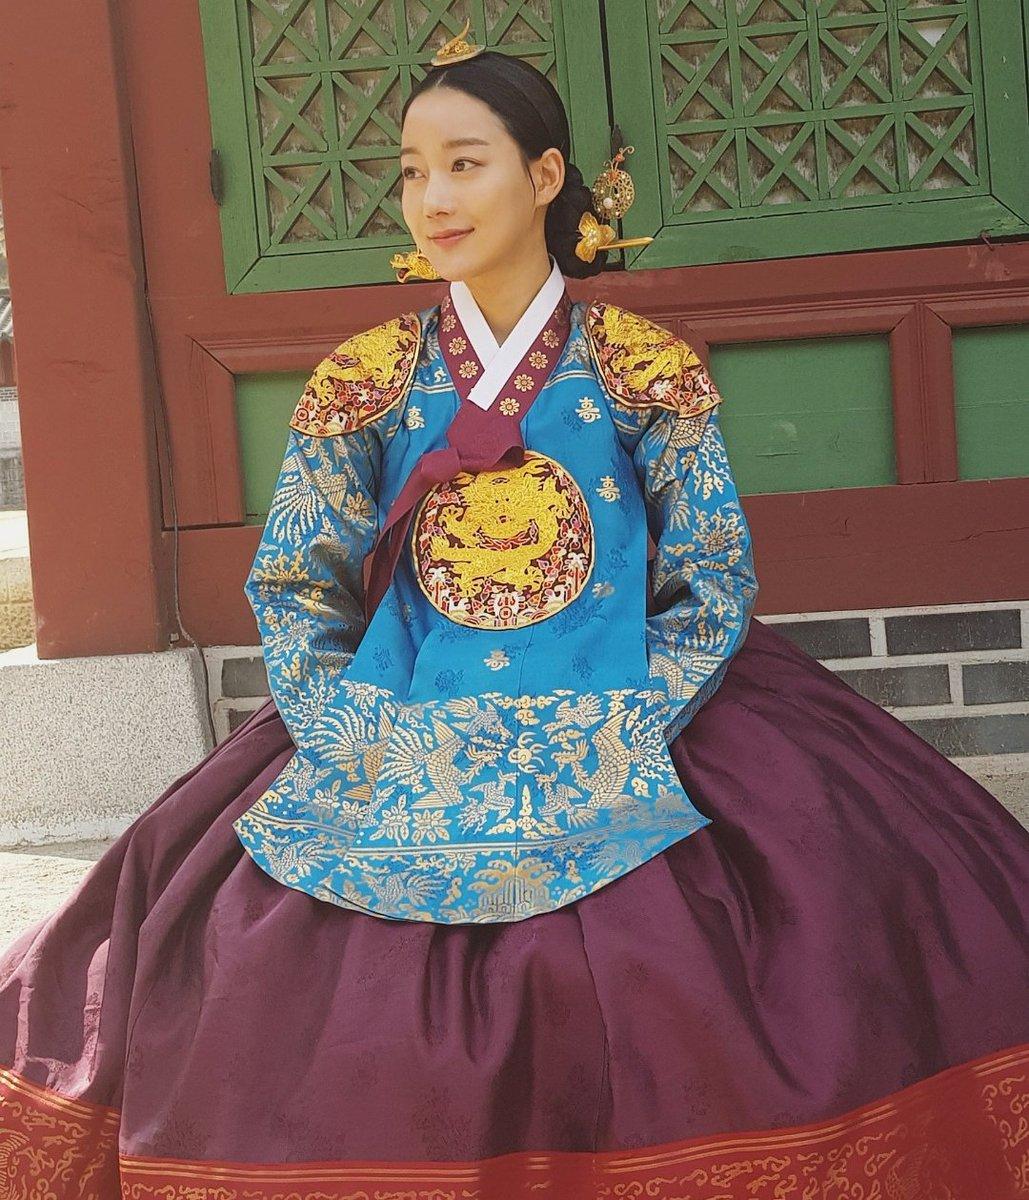 울 원호매니져오빠♡ 예쁘게 찍어주셔서 고마와용~~^^* 대군촬영현장에서...